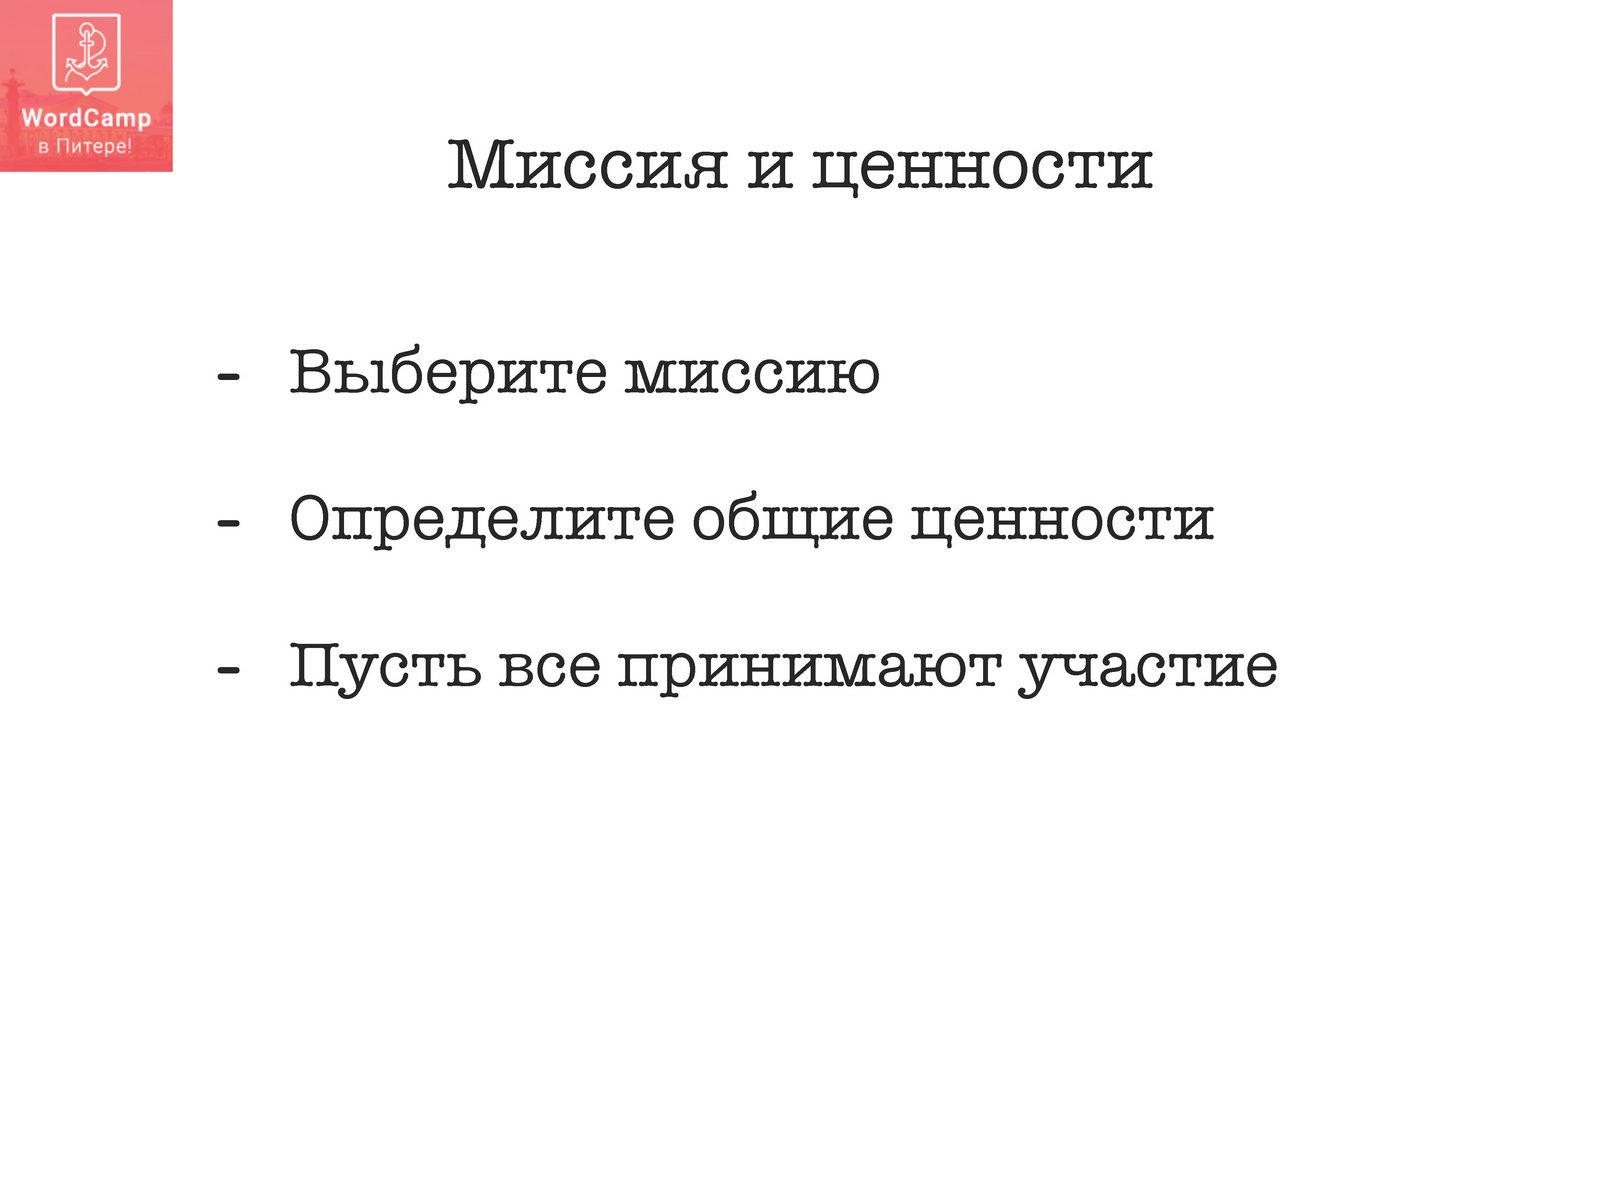 Тимур Гоголев - 100% распределенная компания мифы или реальность_Page_09